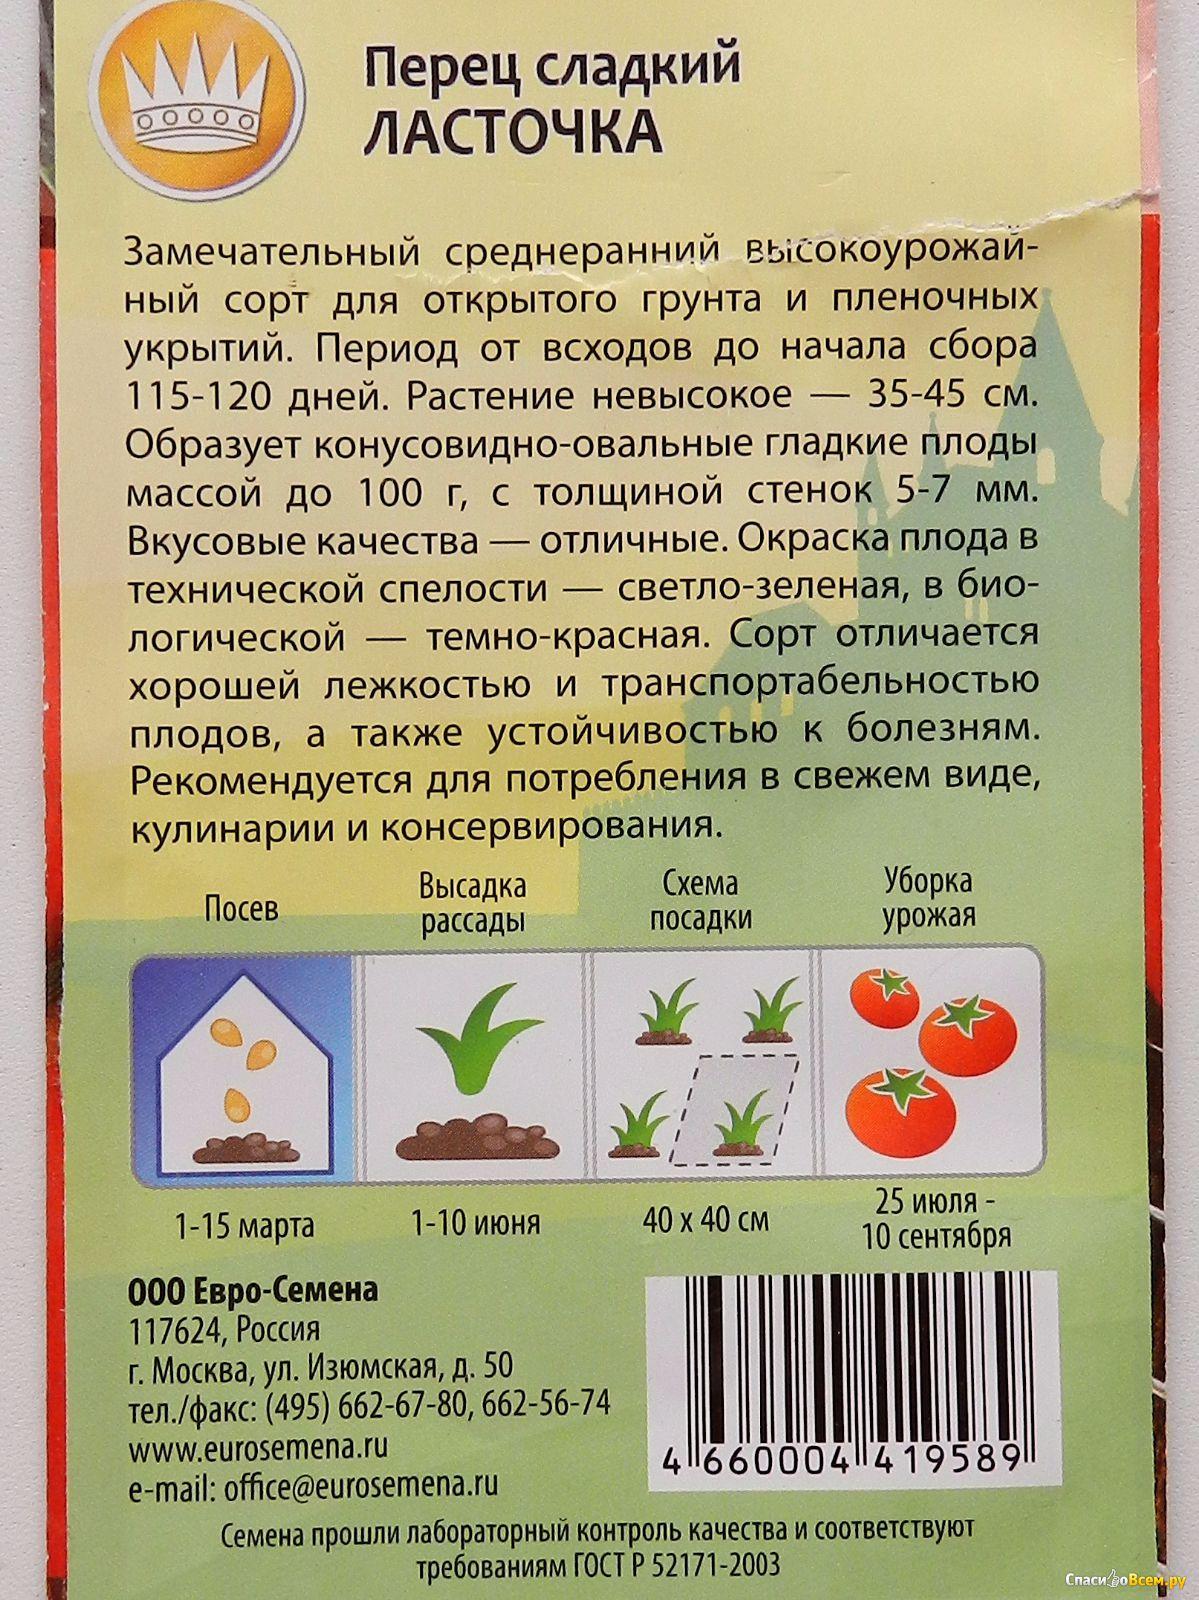 """Перец """"ласточка"""":  характеристика и описание сорта, особенности выращивания сладкой культуры, урожайность, болезни и вредители"""